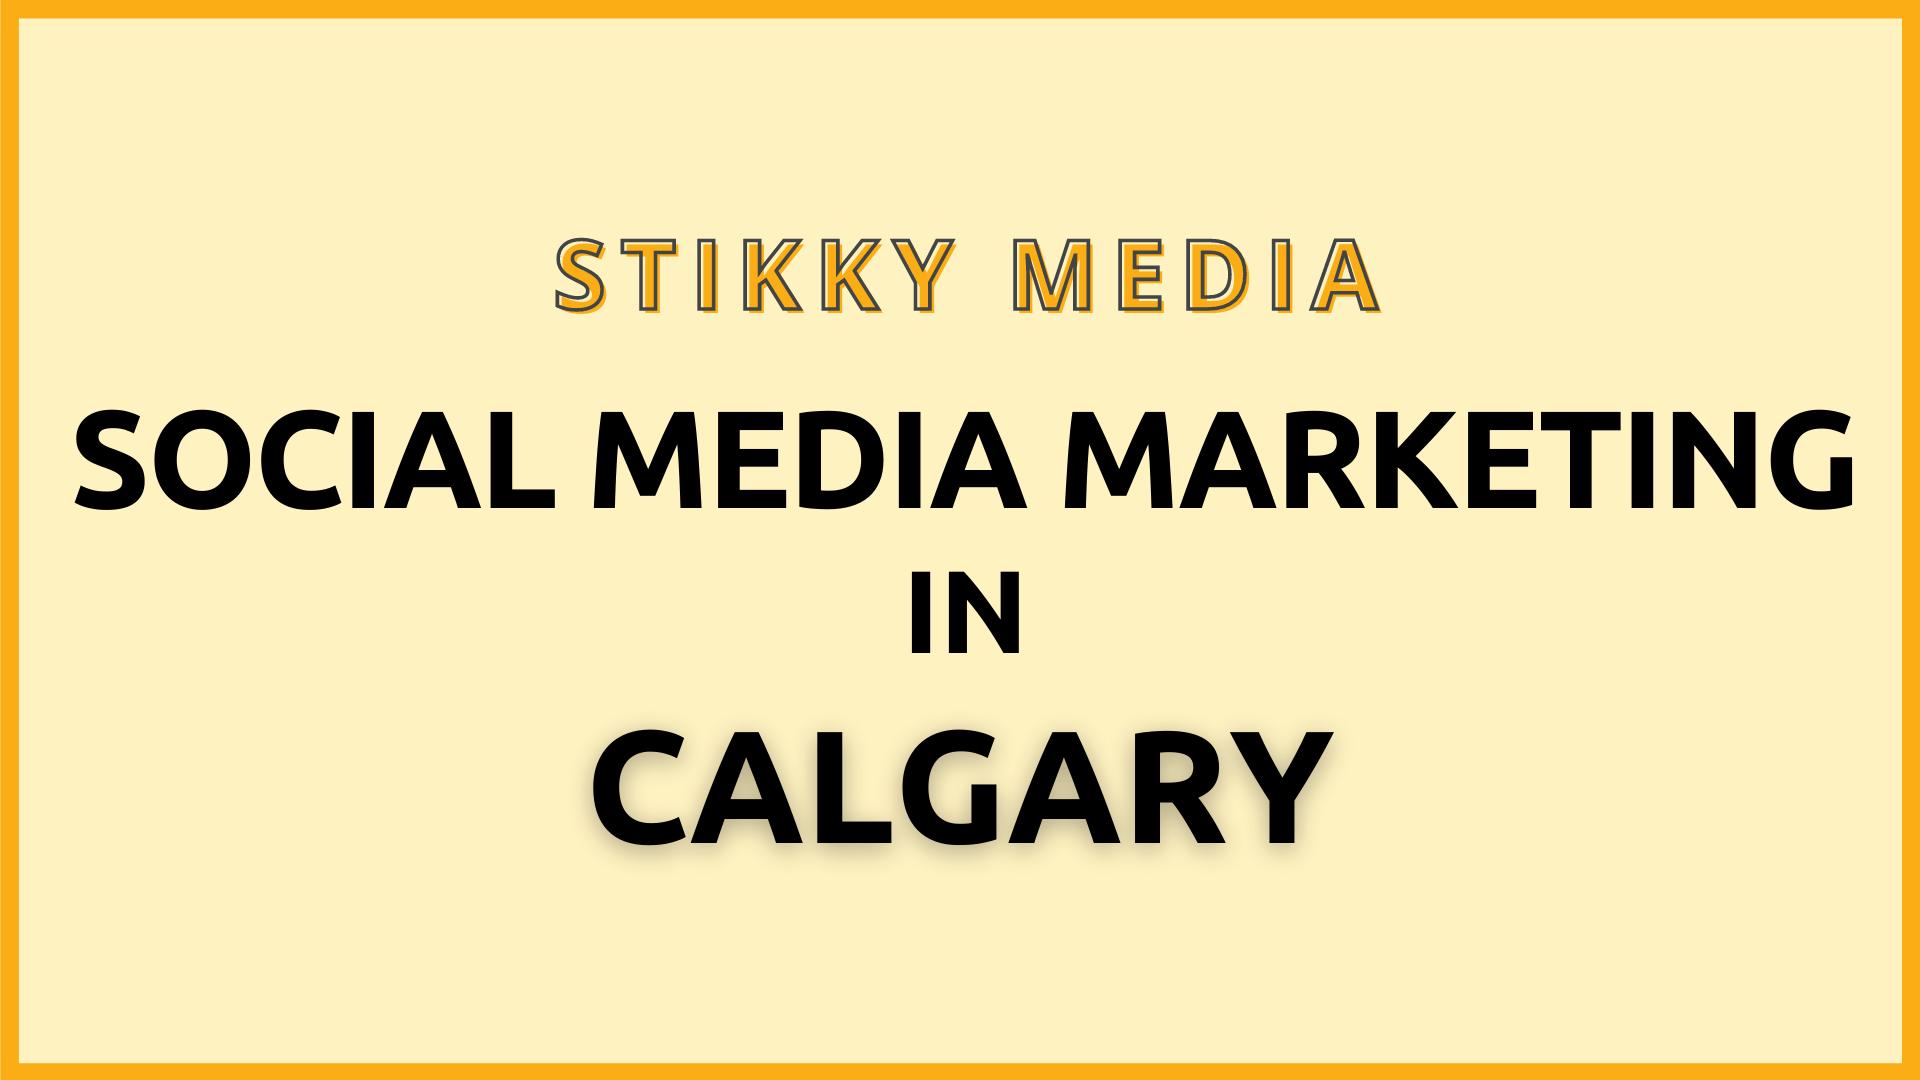 Social media marketing agency Calgary - Stikky Media